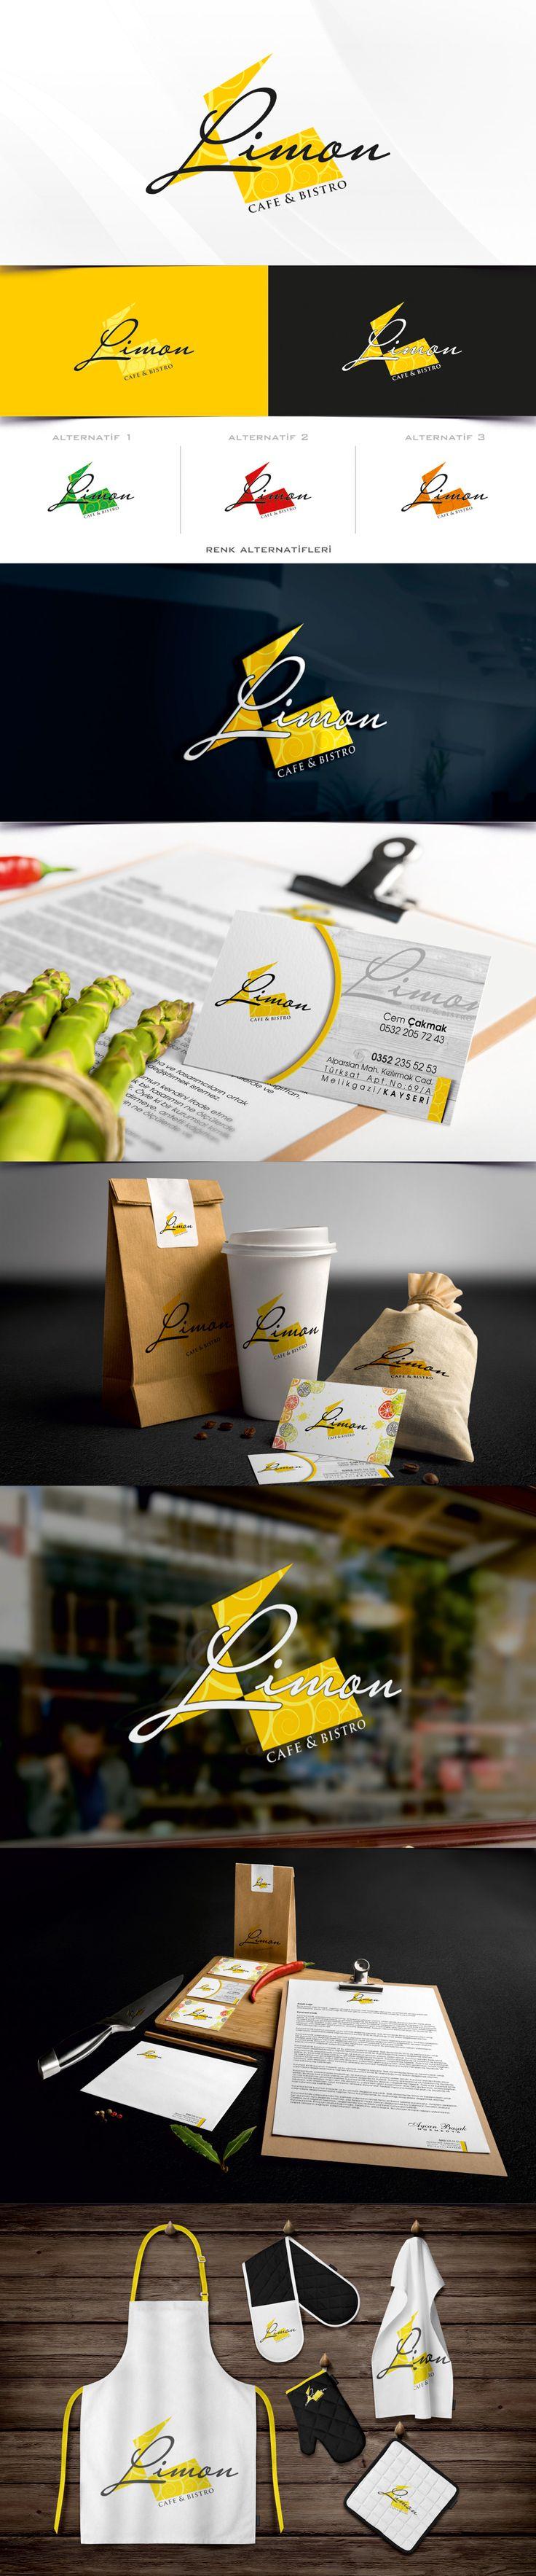 Limon cafe bıstro firması için hazırladımız logo tarımı ve kurumsal kimlik çalışması